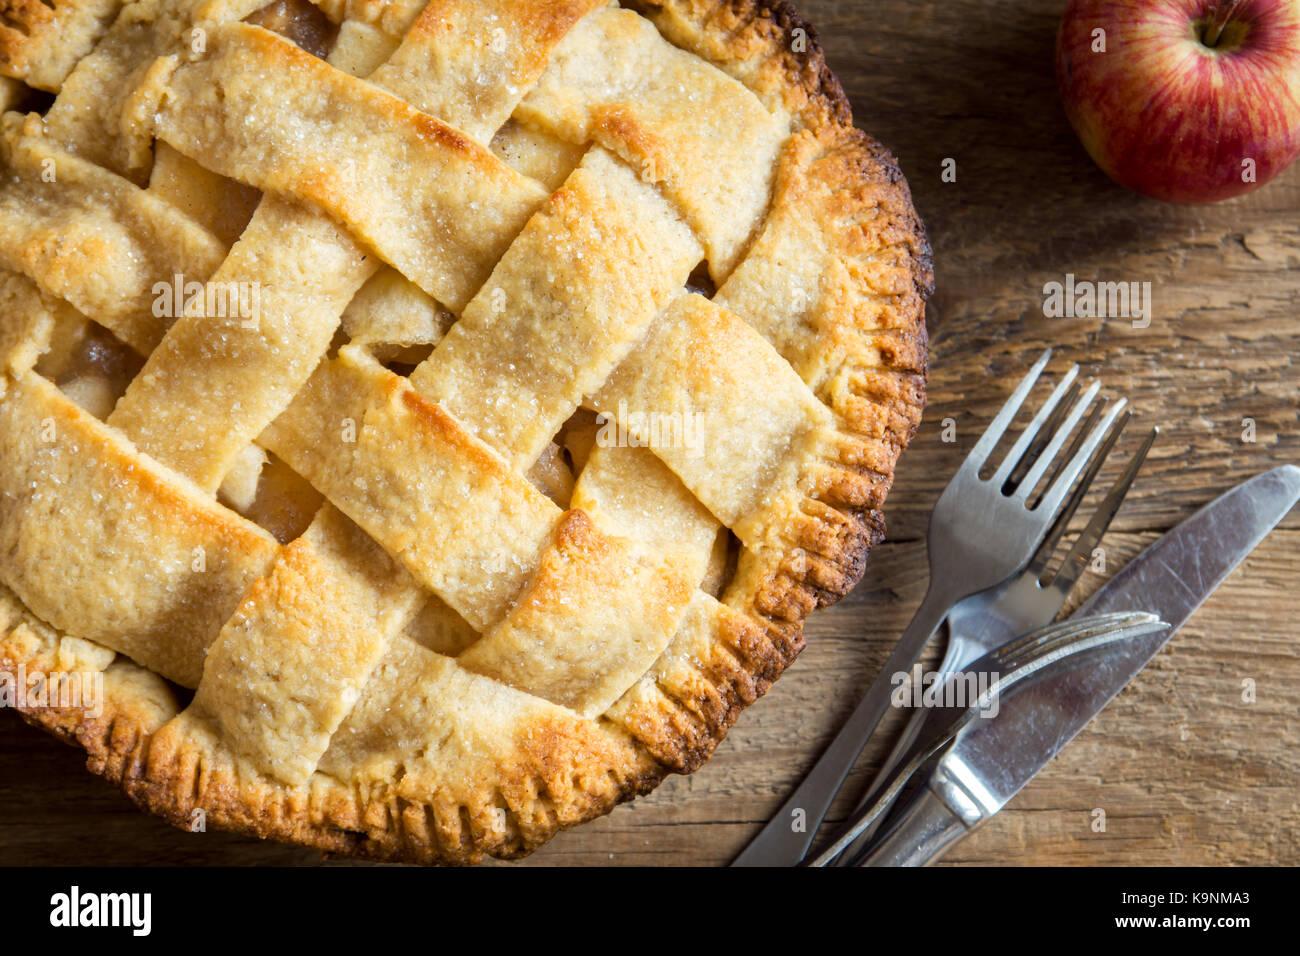 Tarte aux pommes classique dessert. des american pie à partir de l'automne bio les pommes. Photo Stock